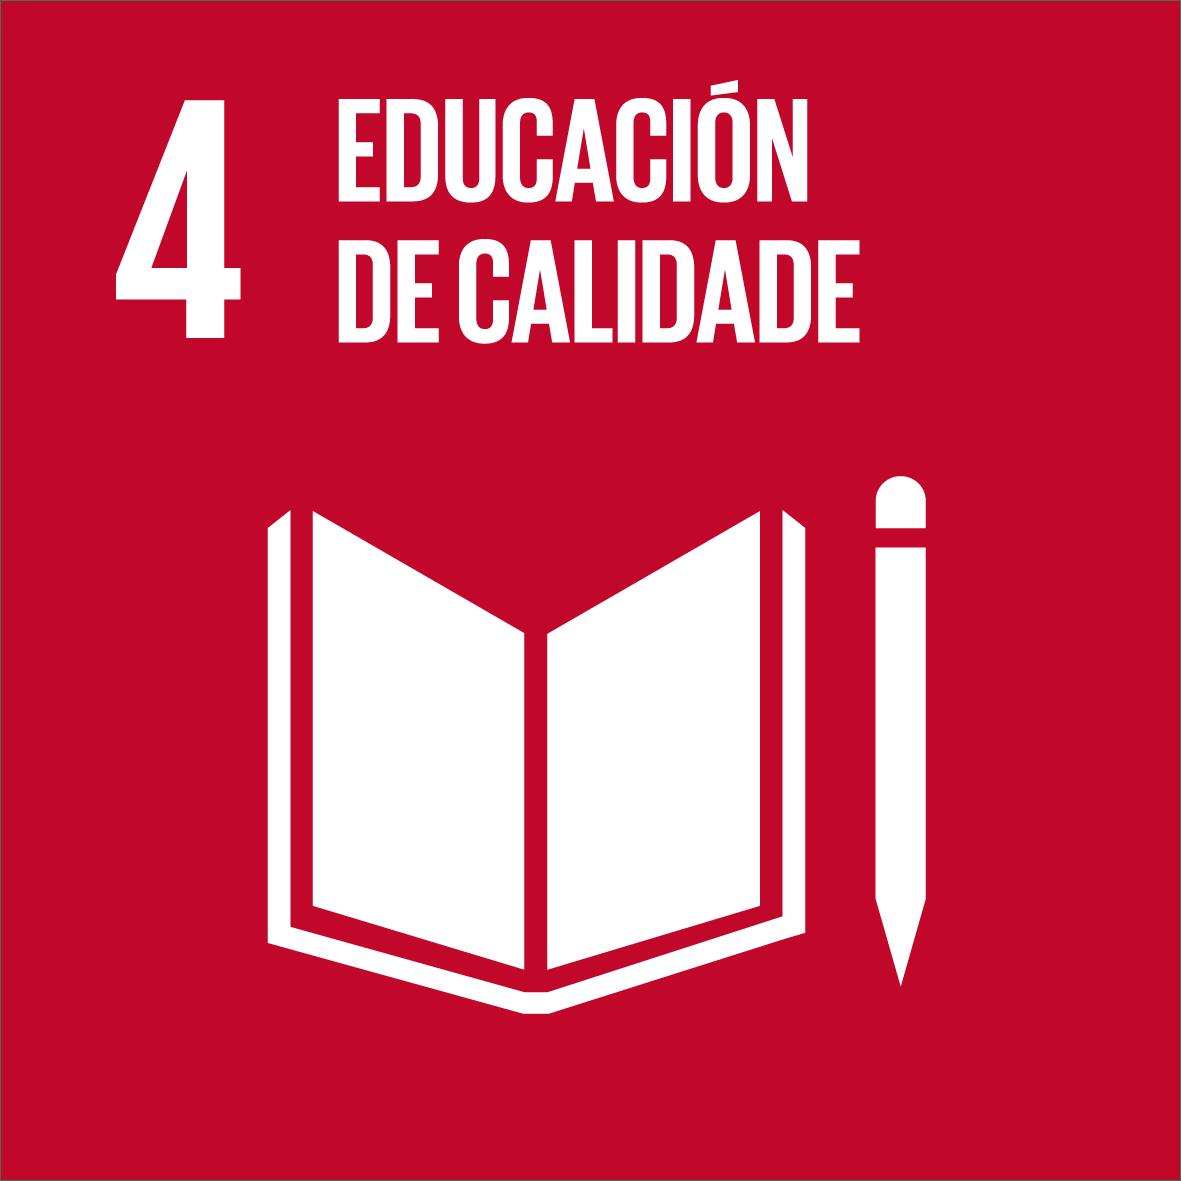 ODS 4: Educación de calidade